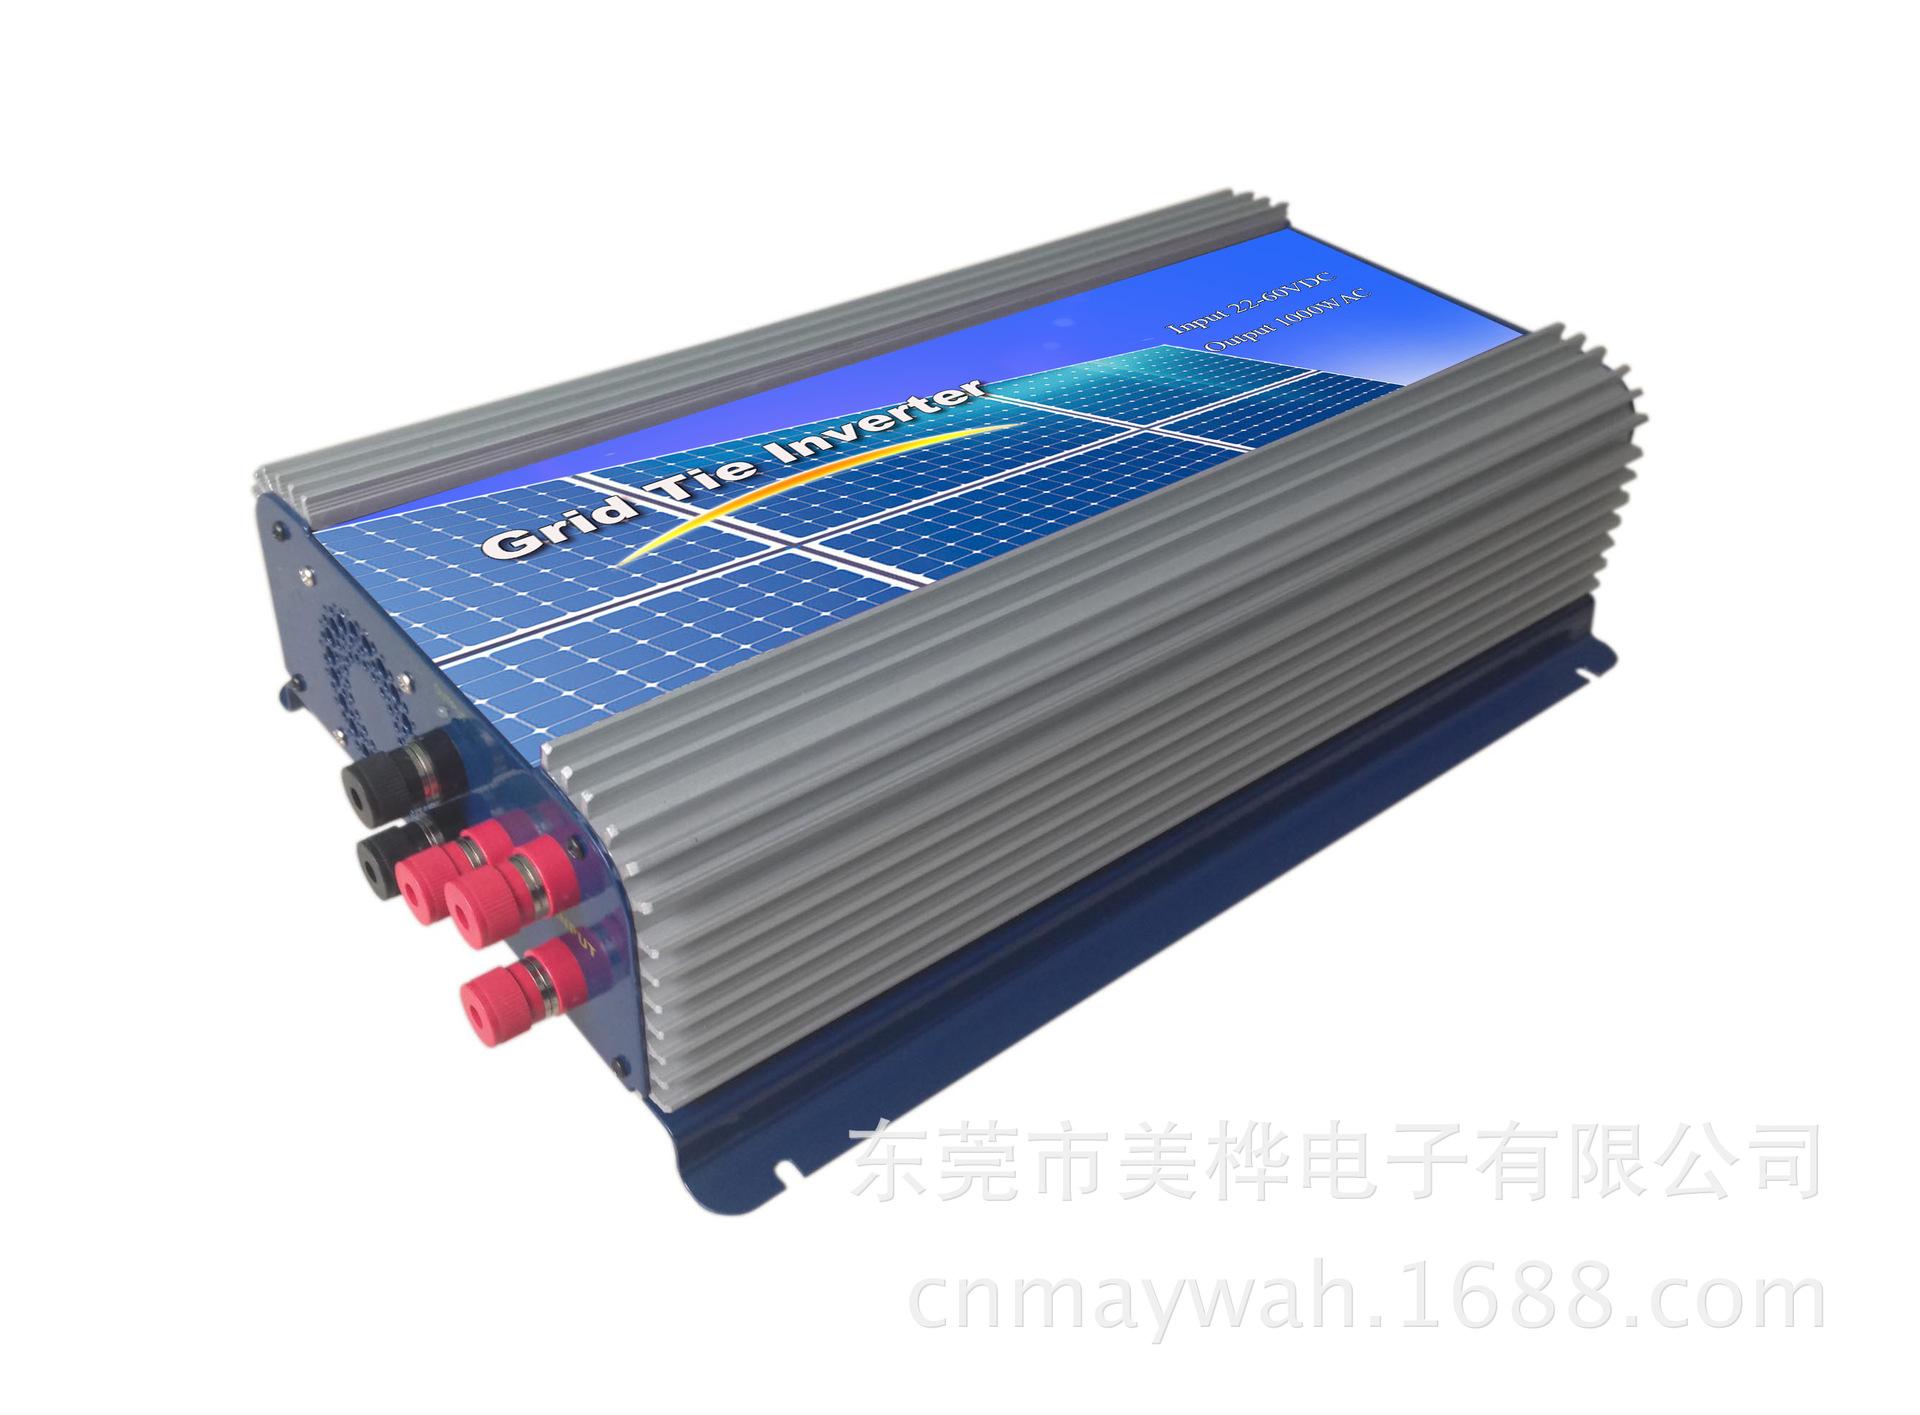 1500G-WAL-LCD-输入侧边